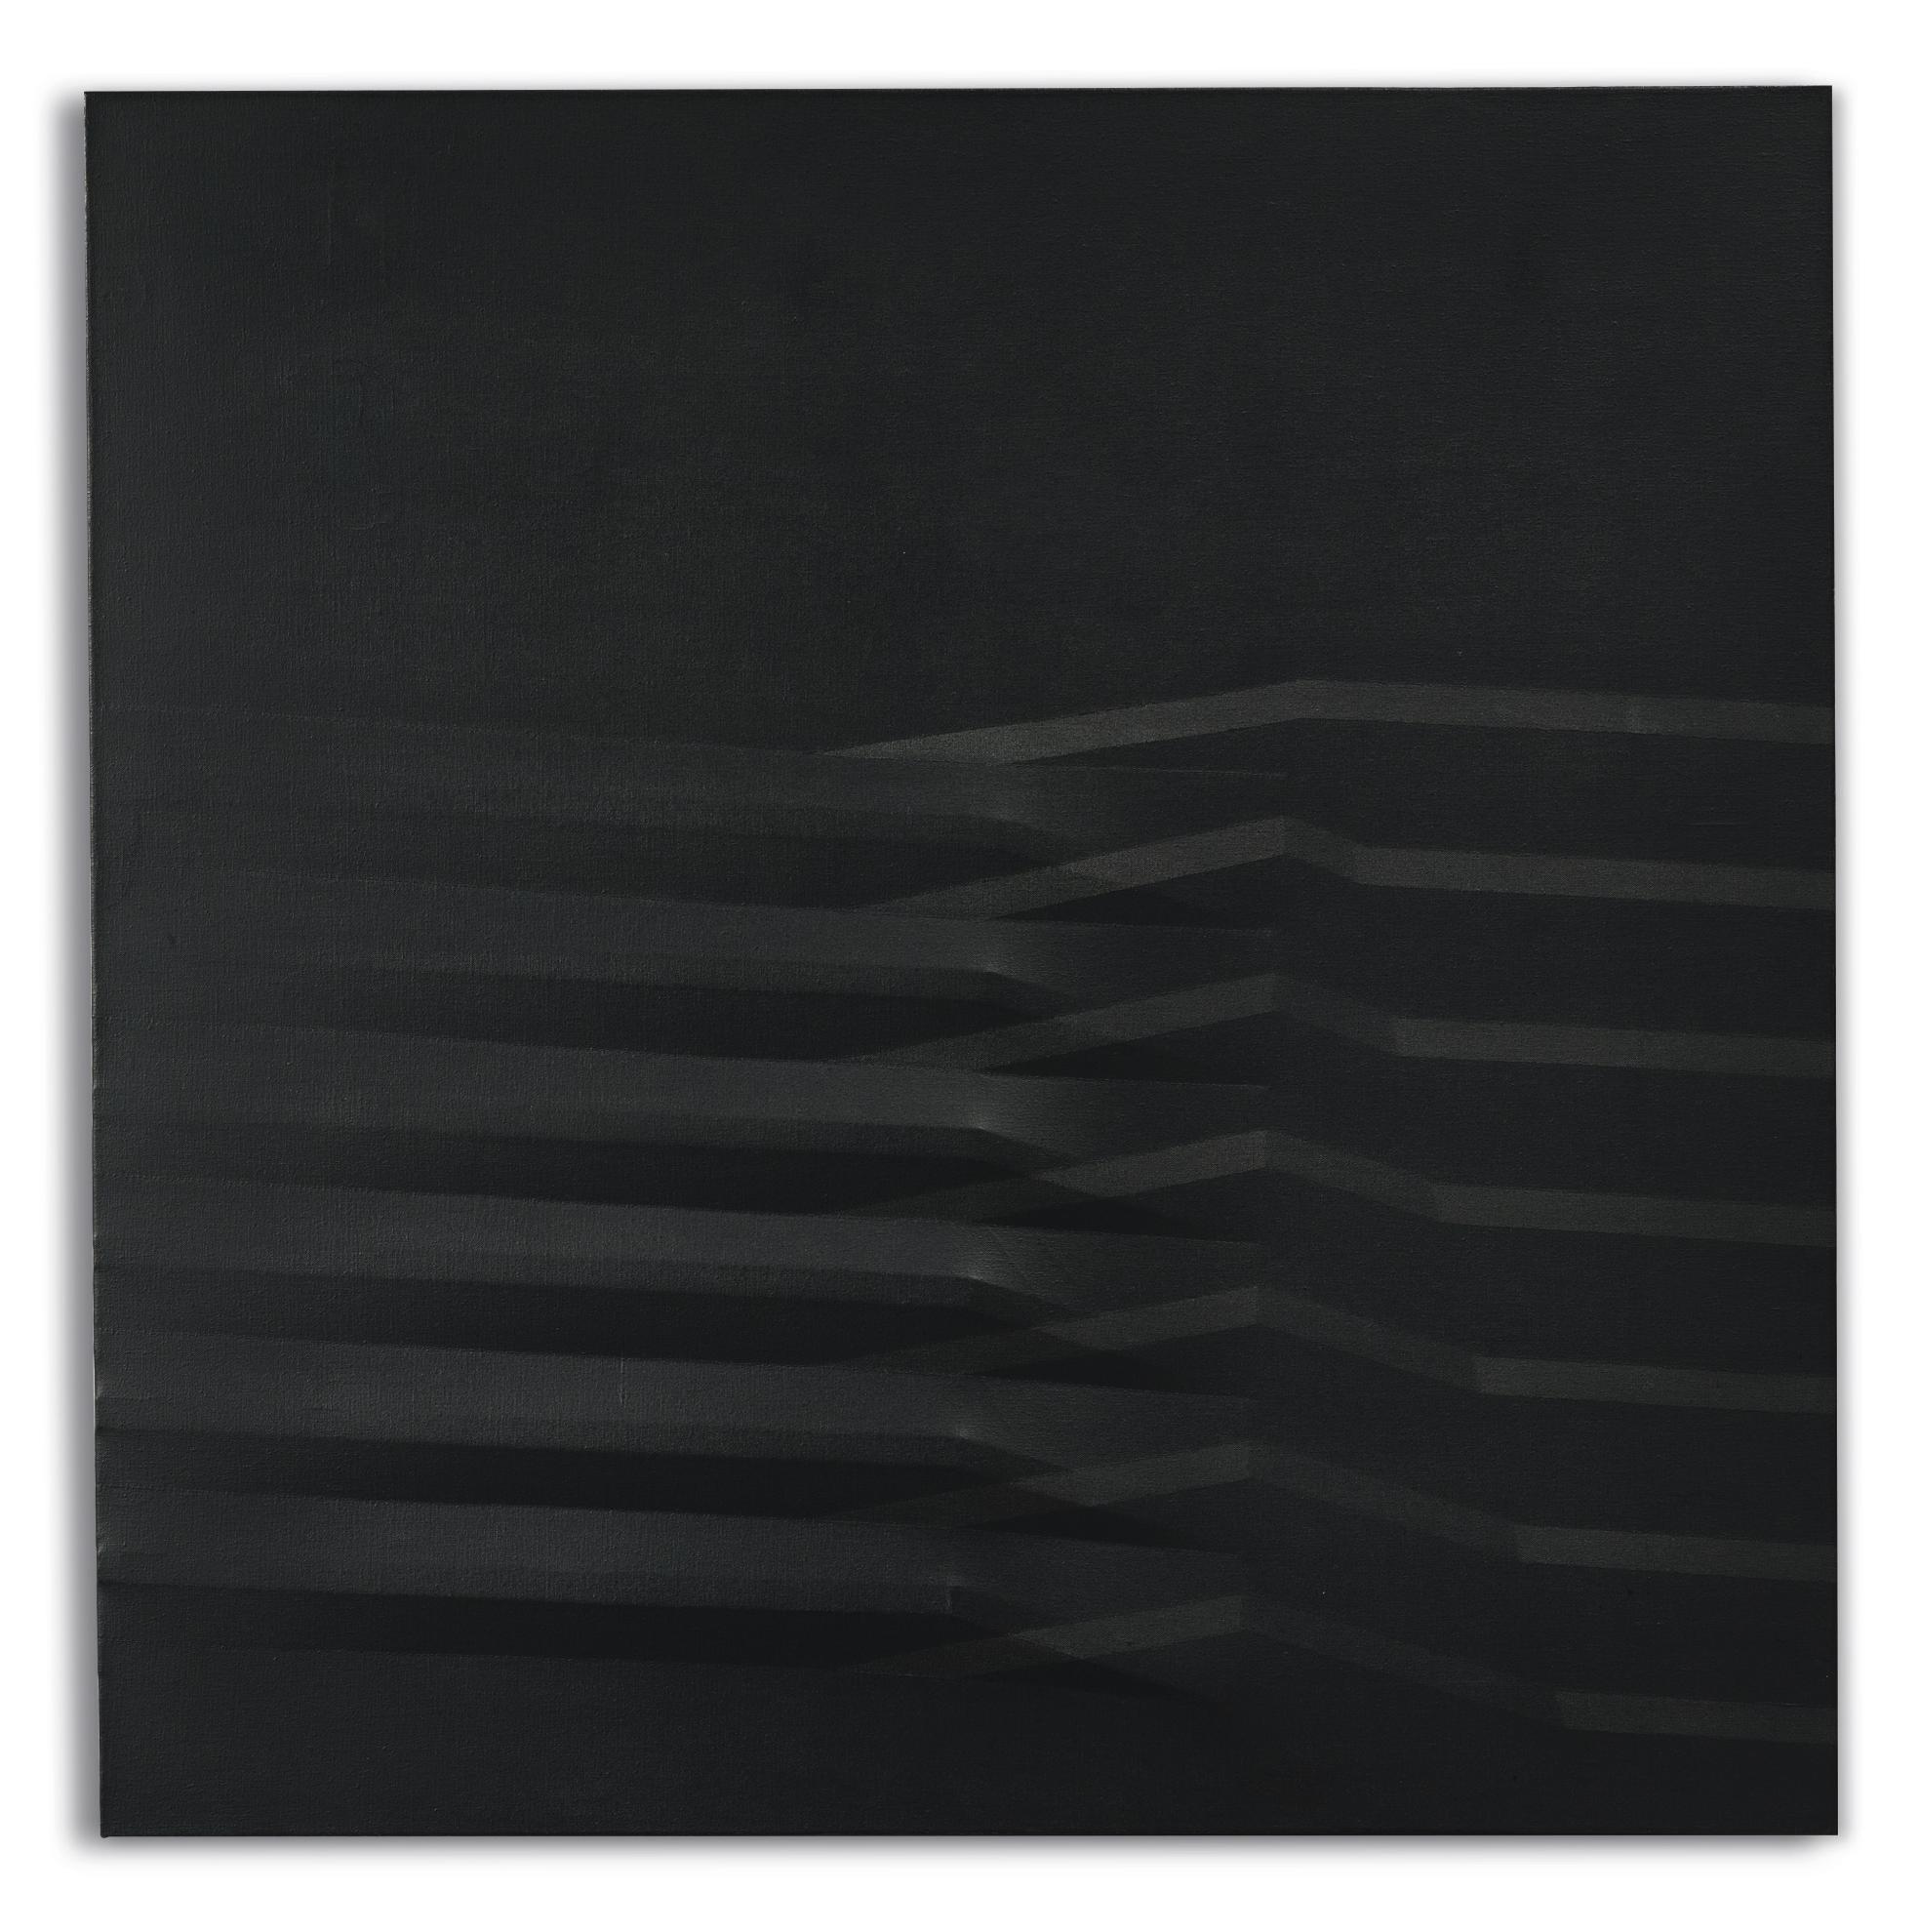 Agostino Bonalumi-Grigio-1979